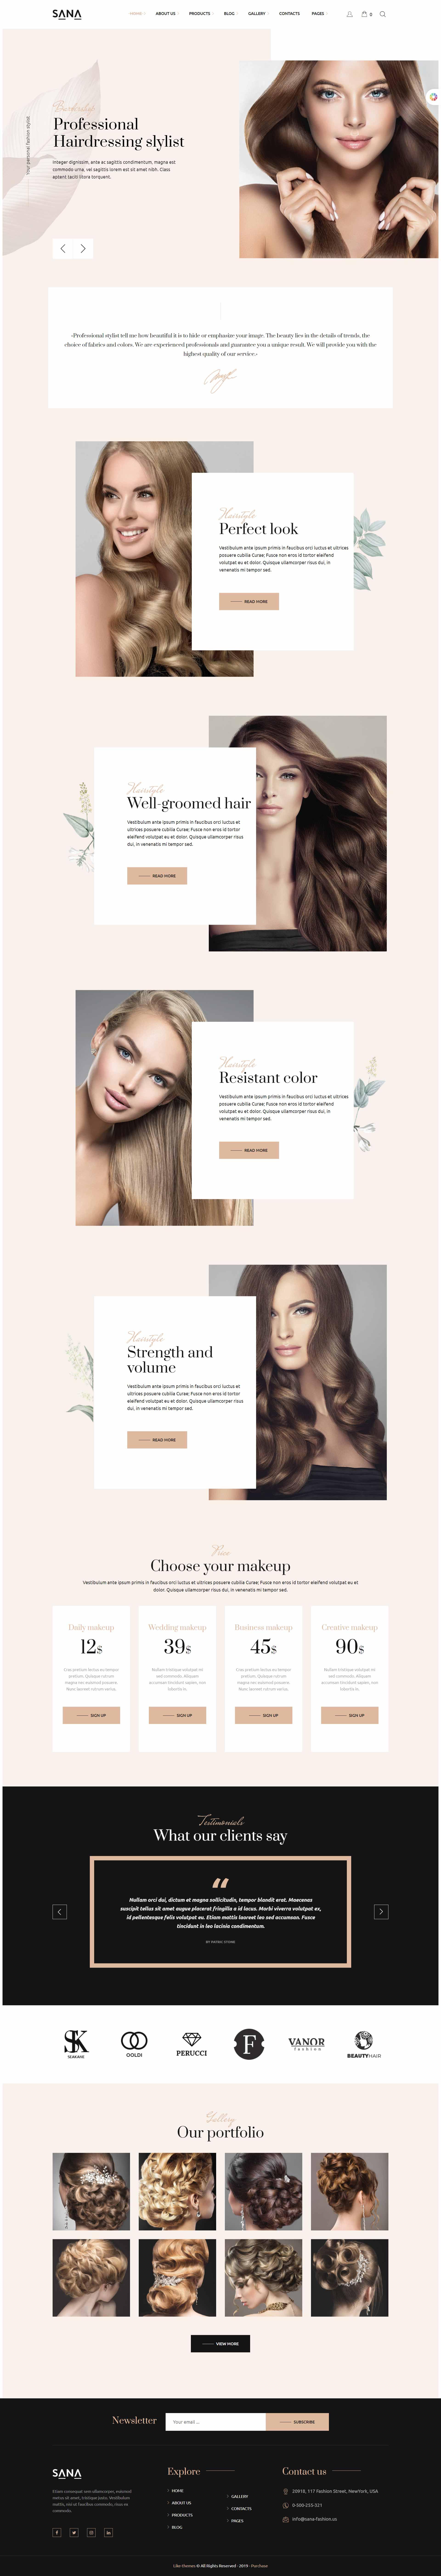 разработка и создание сайтов для салона красоты, студии макияжа, парикмахерской